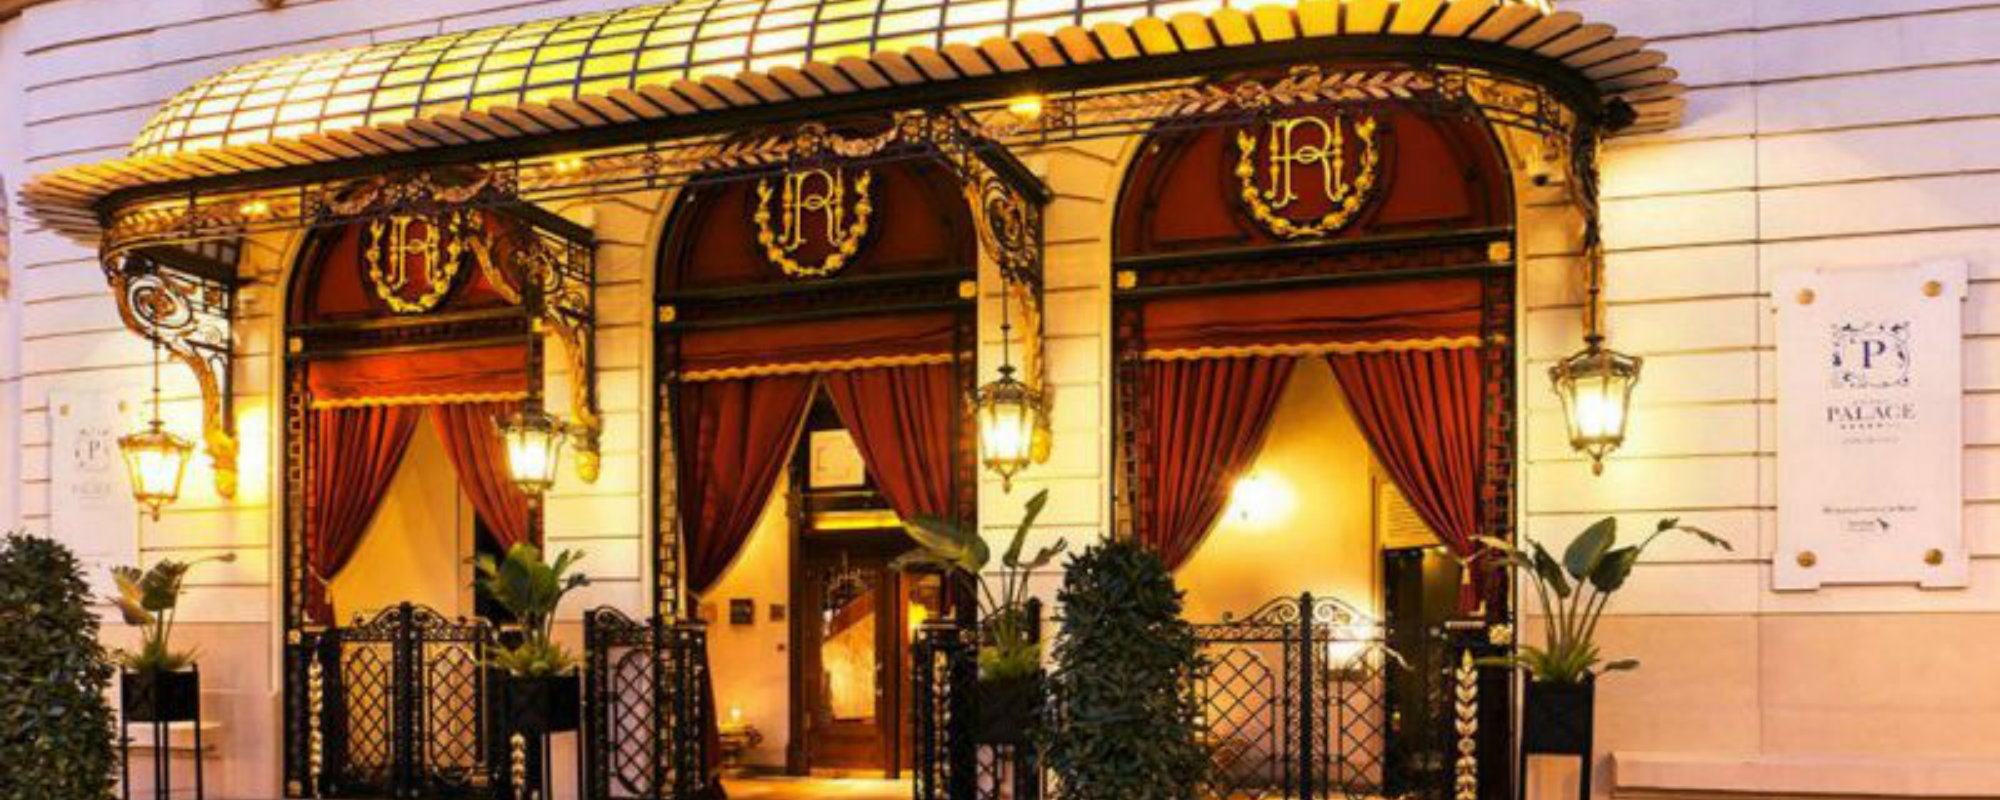 Proyecto de lujo: Hotel El Palace con interiorismo en Barcelona proyecto de lujo Proyecto de lujo: Hotel El Palace con interiorismo en Barcelona Featured 2